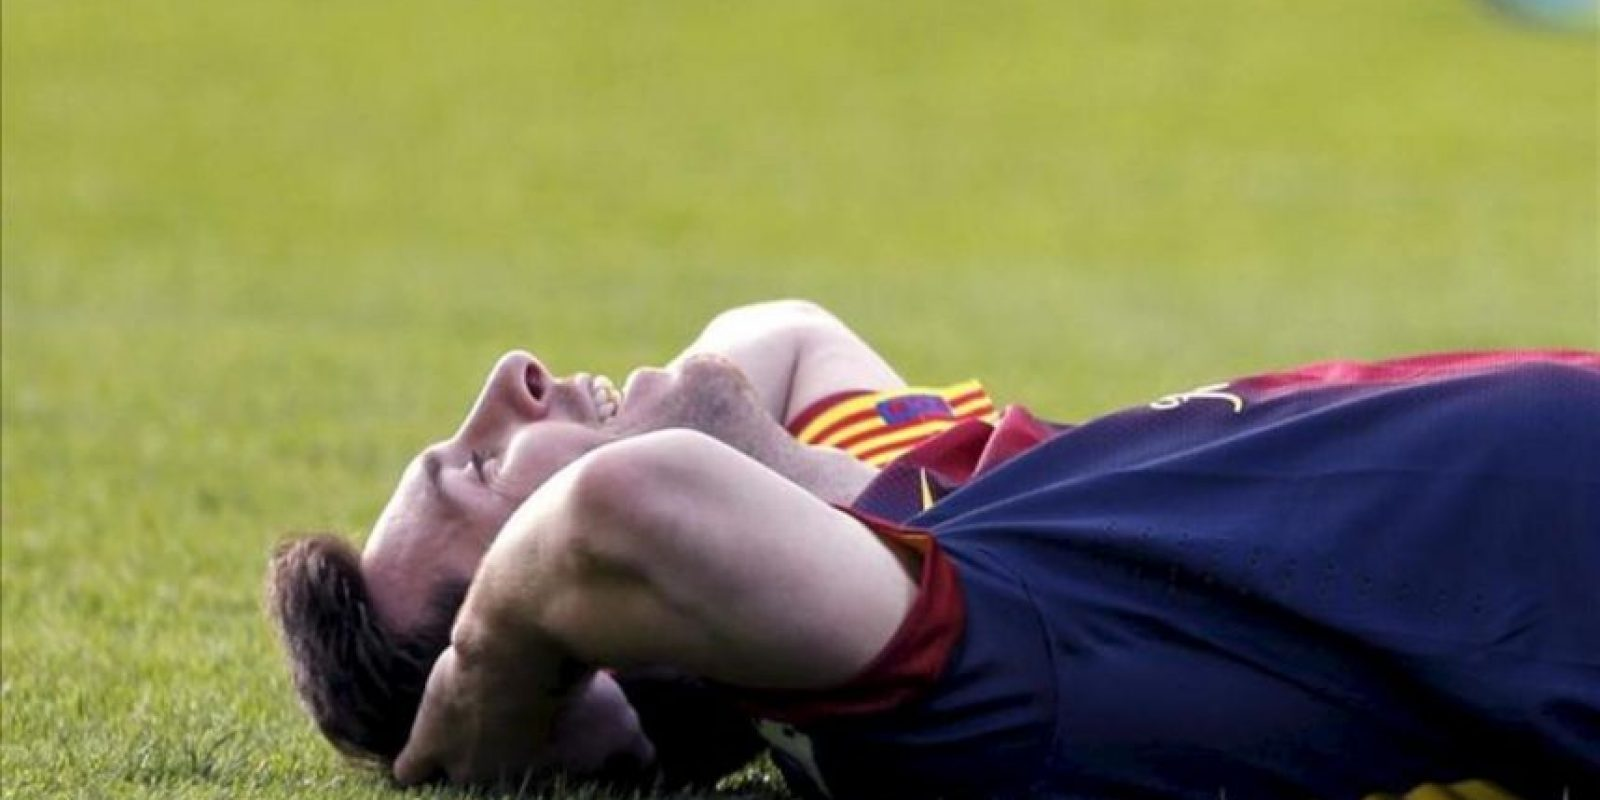 El delantero argentino del Barcelona Lionel Messi en el suelo durante una acción de su partido ante el Celta, de la jornada vigésimo novena de la Liga de Primera División que se disputó en el estadio Balaídos de Vigo. EFE